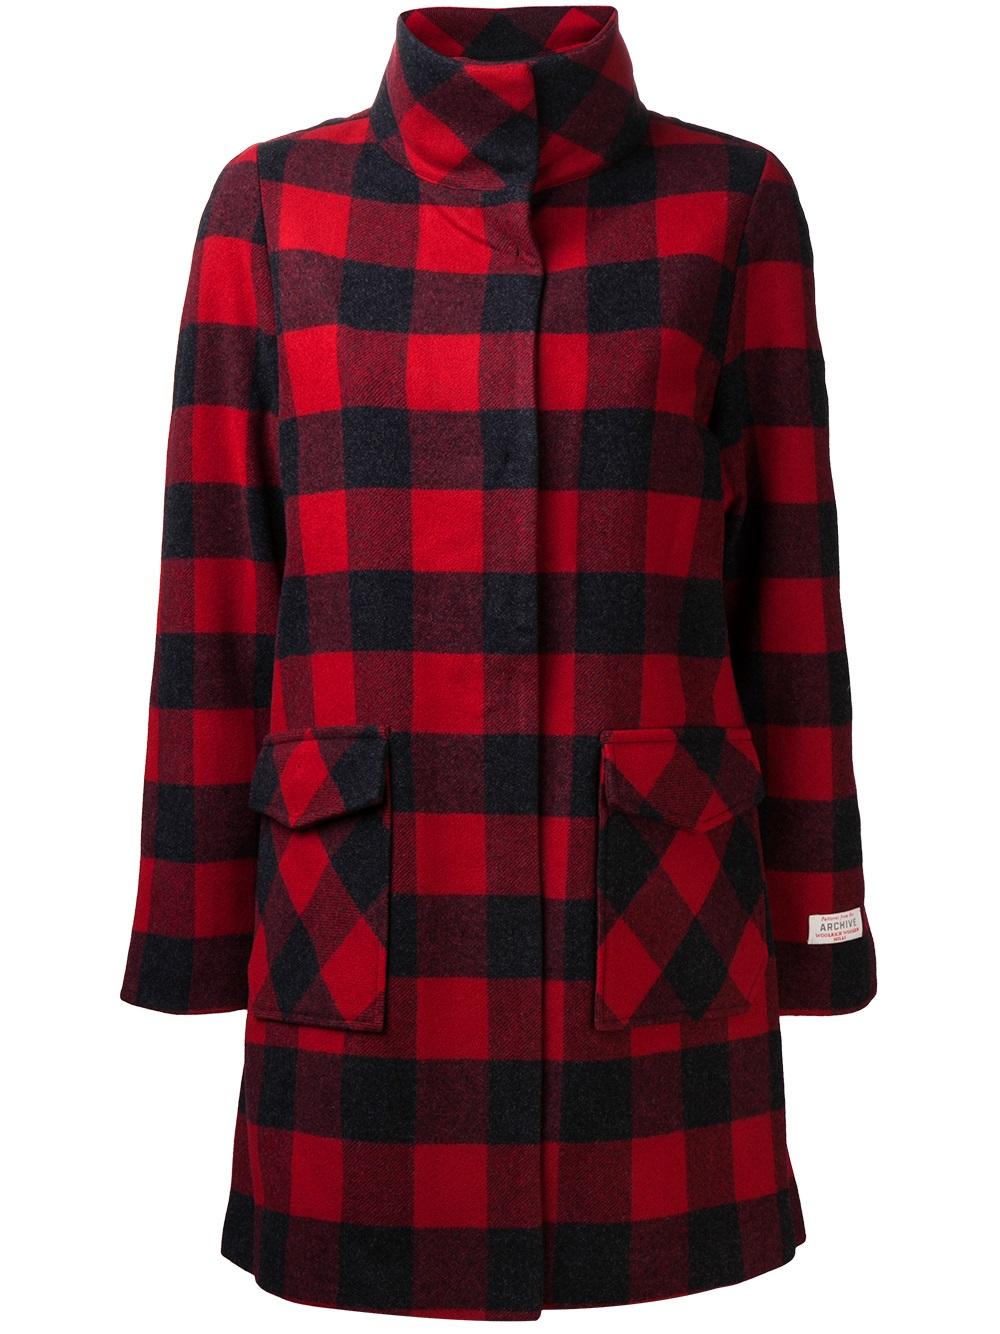 Alfani Clothing